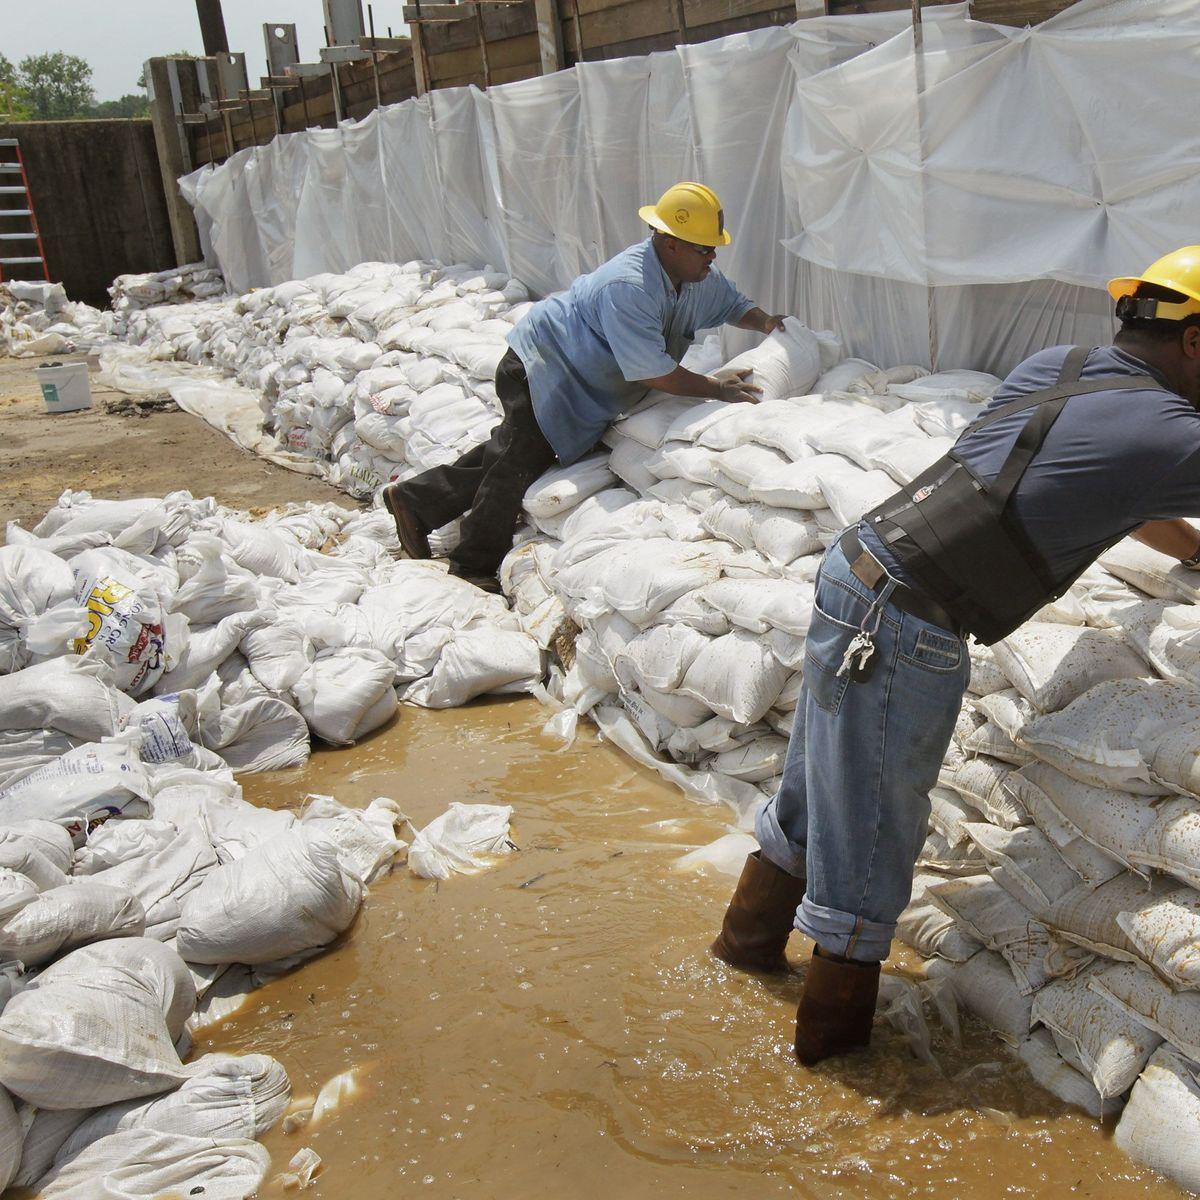 Hochwasser Am Mississippi Memphis Rustet Sich Fur Jahrhundertflut Der Spiegel